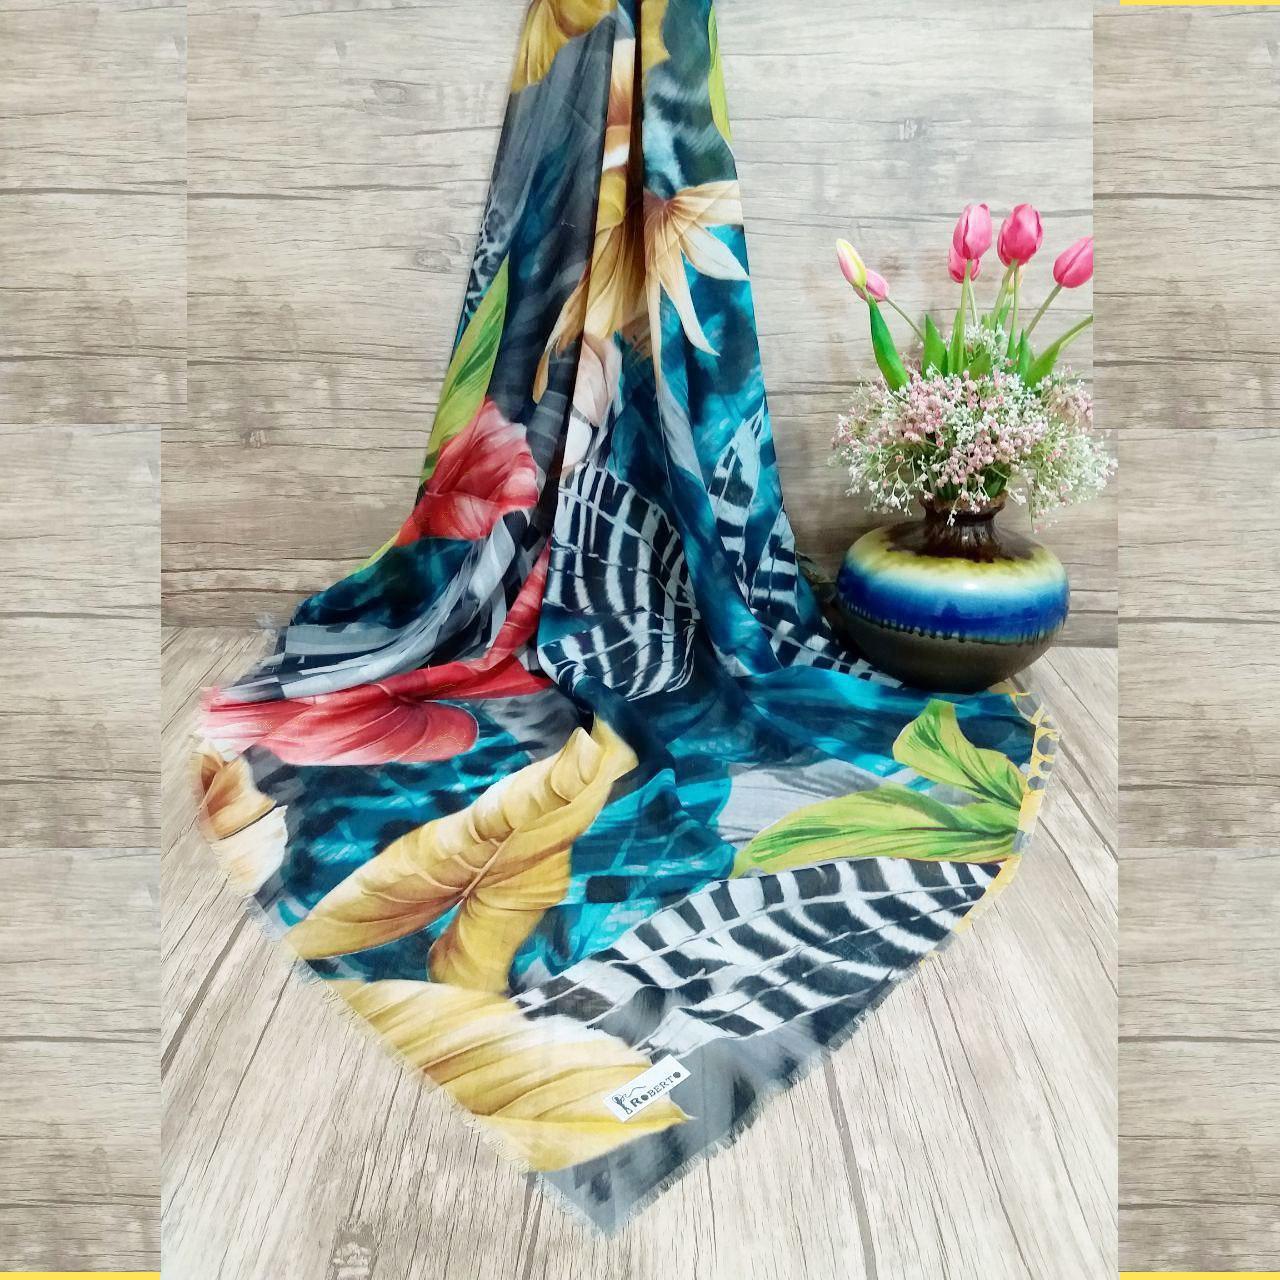 روسری نخی قواره بزرگ برند روبرتو sr-n304 از نمای روبرو